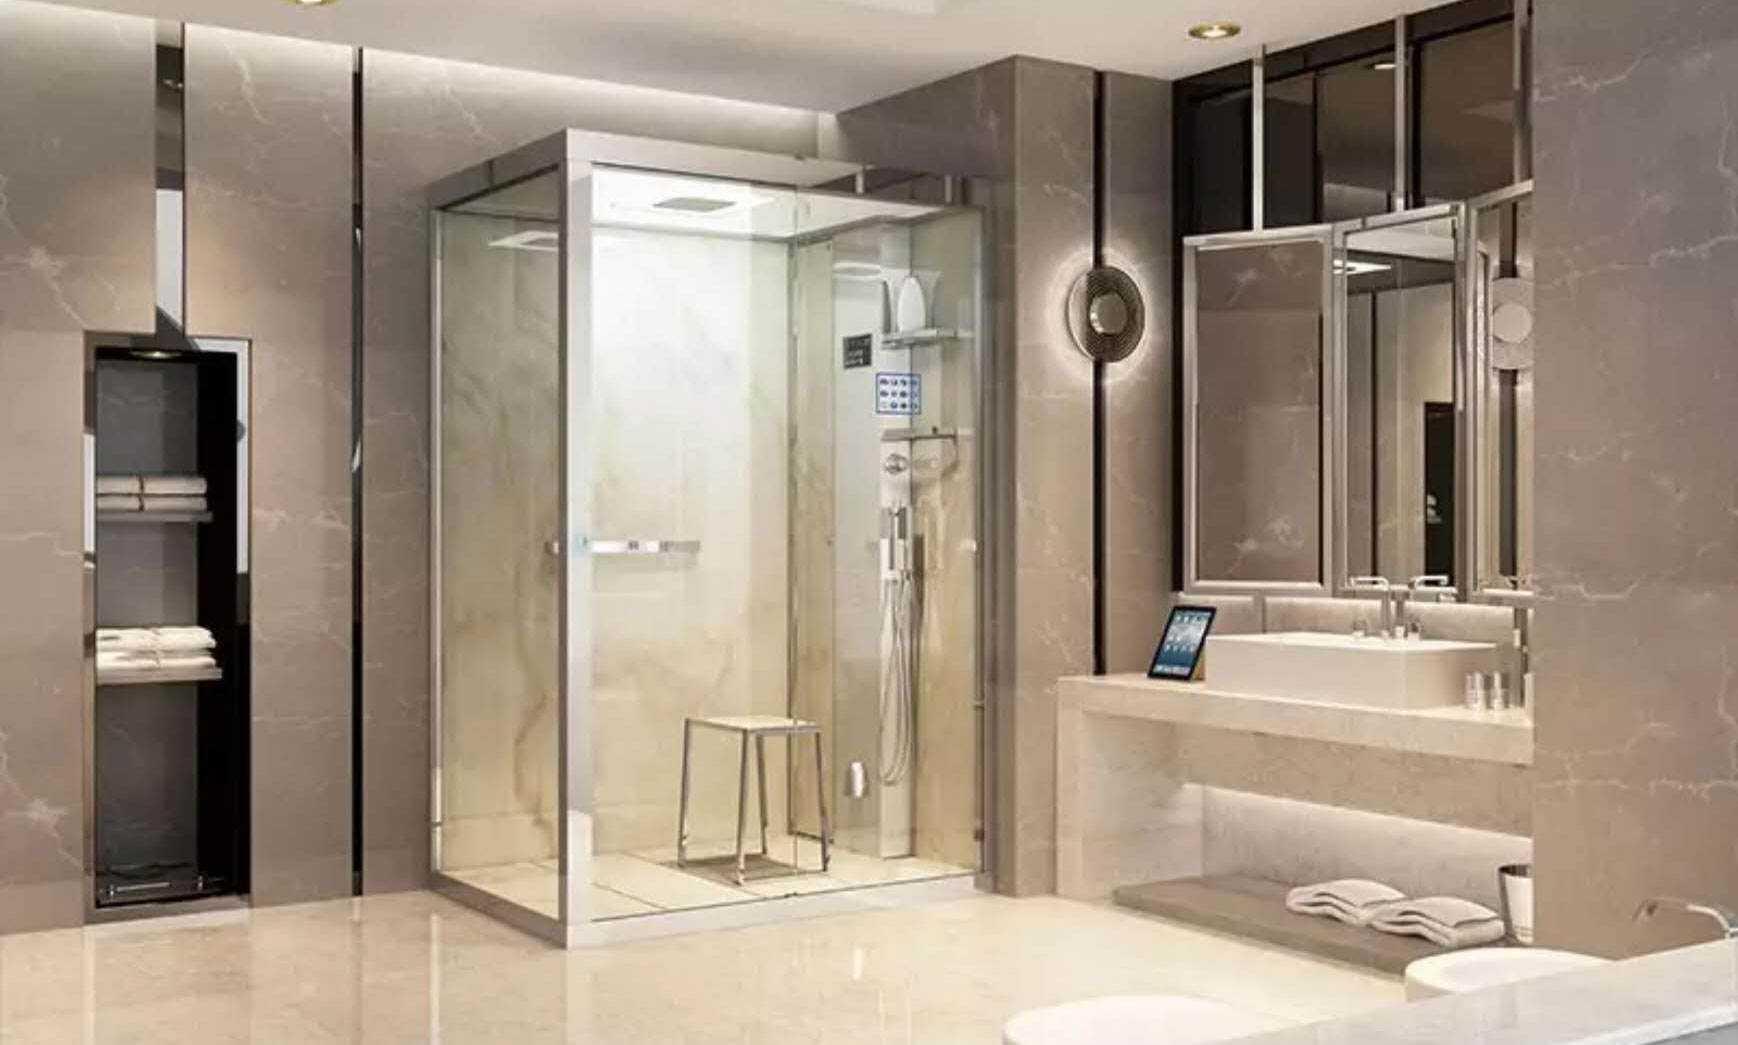 什么是智能淋浴房?和多功能淋浴房相比有哪些不同呢?